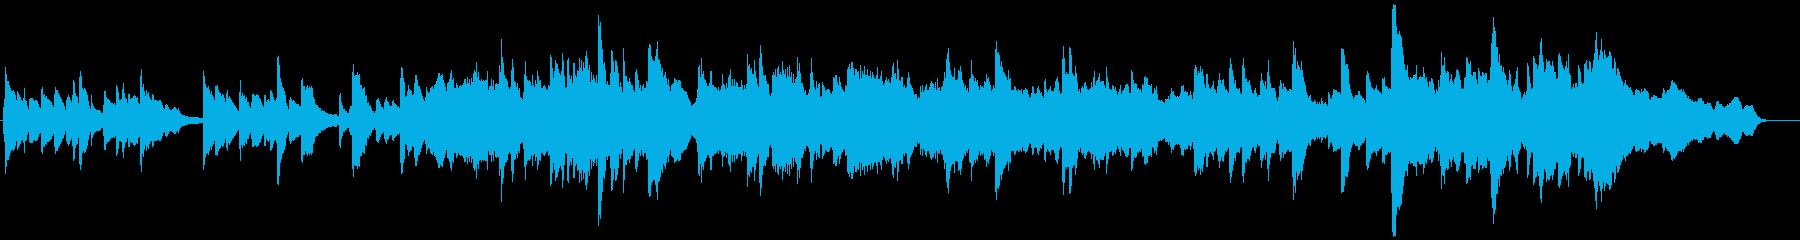 ピアノ、オルゴール、シンバルのトリ...の再生済みの波形